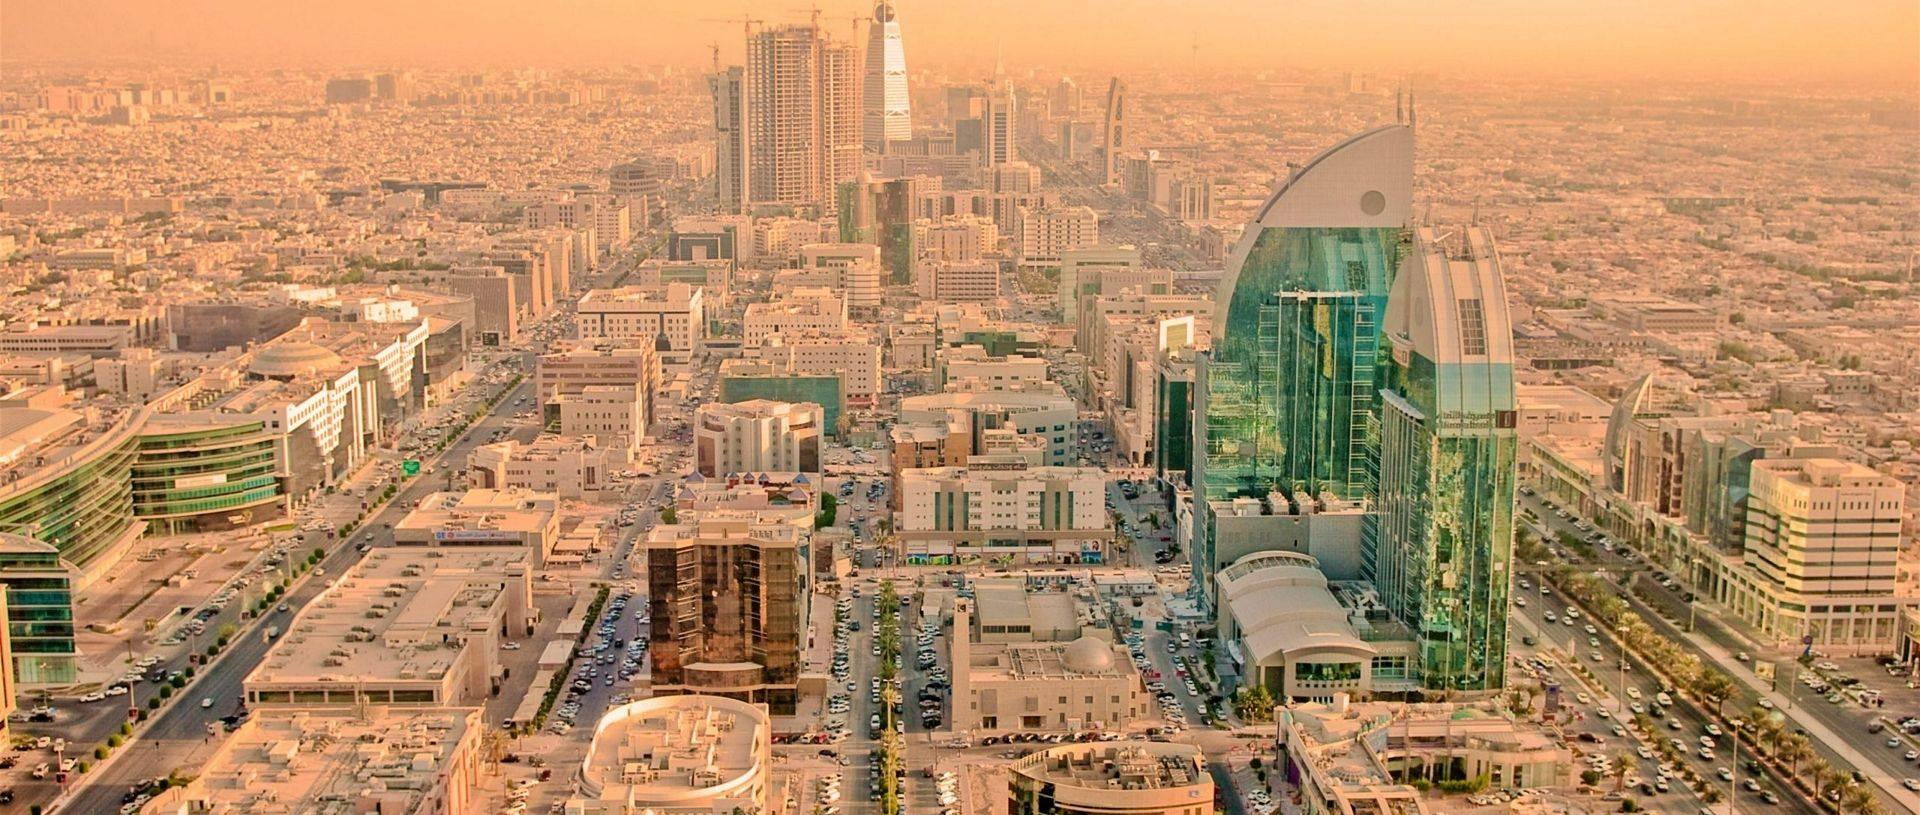 Mega City of Neom.jpg